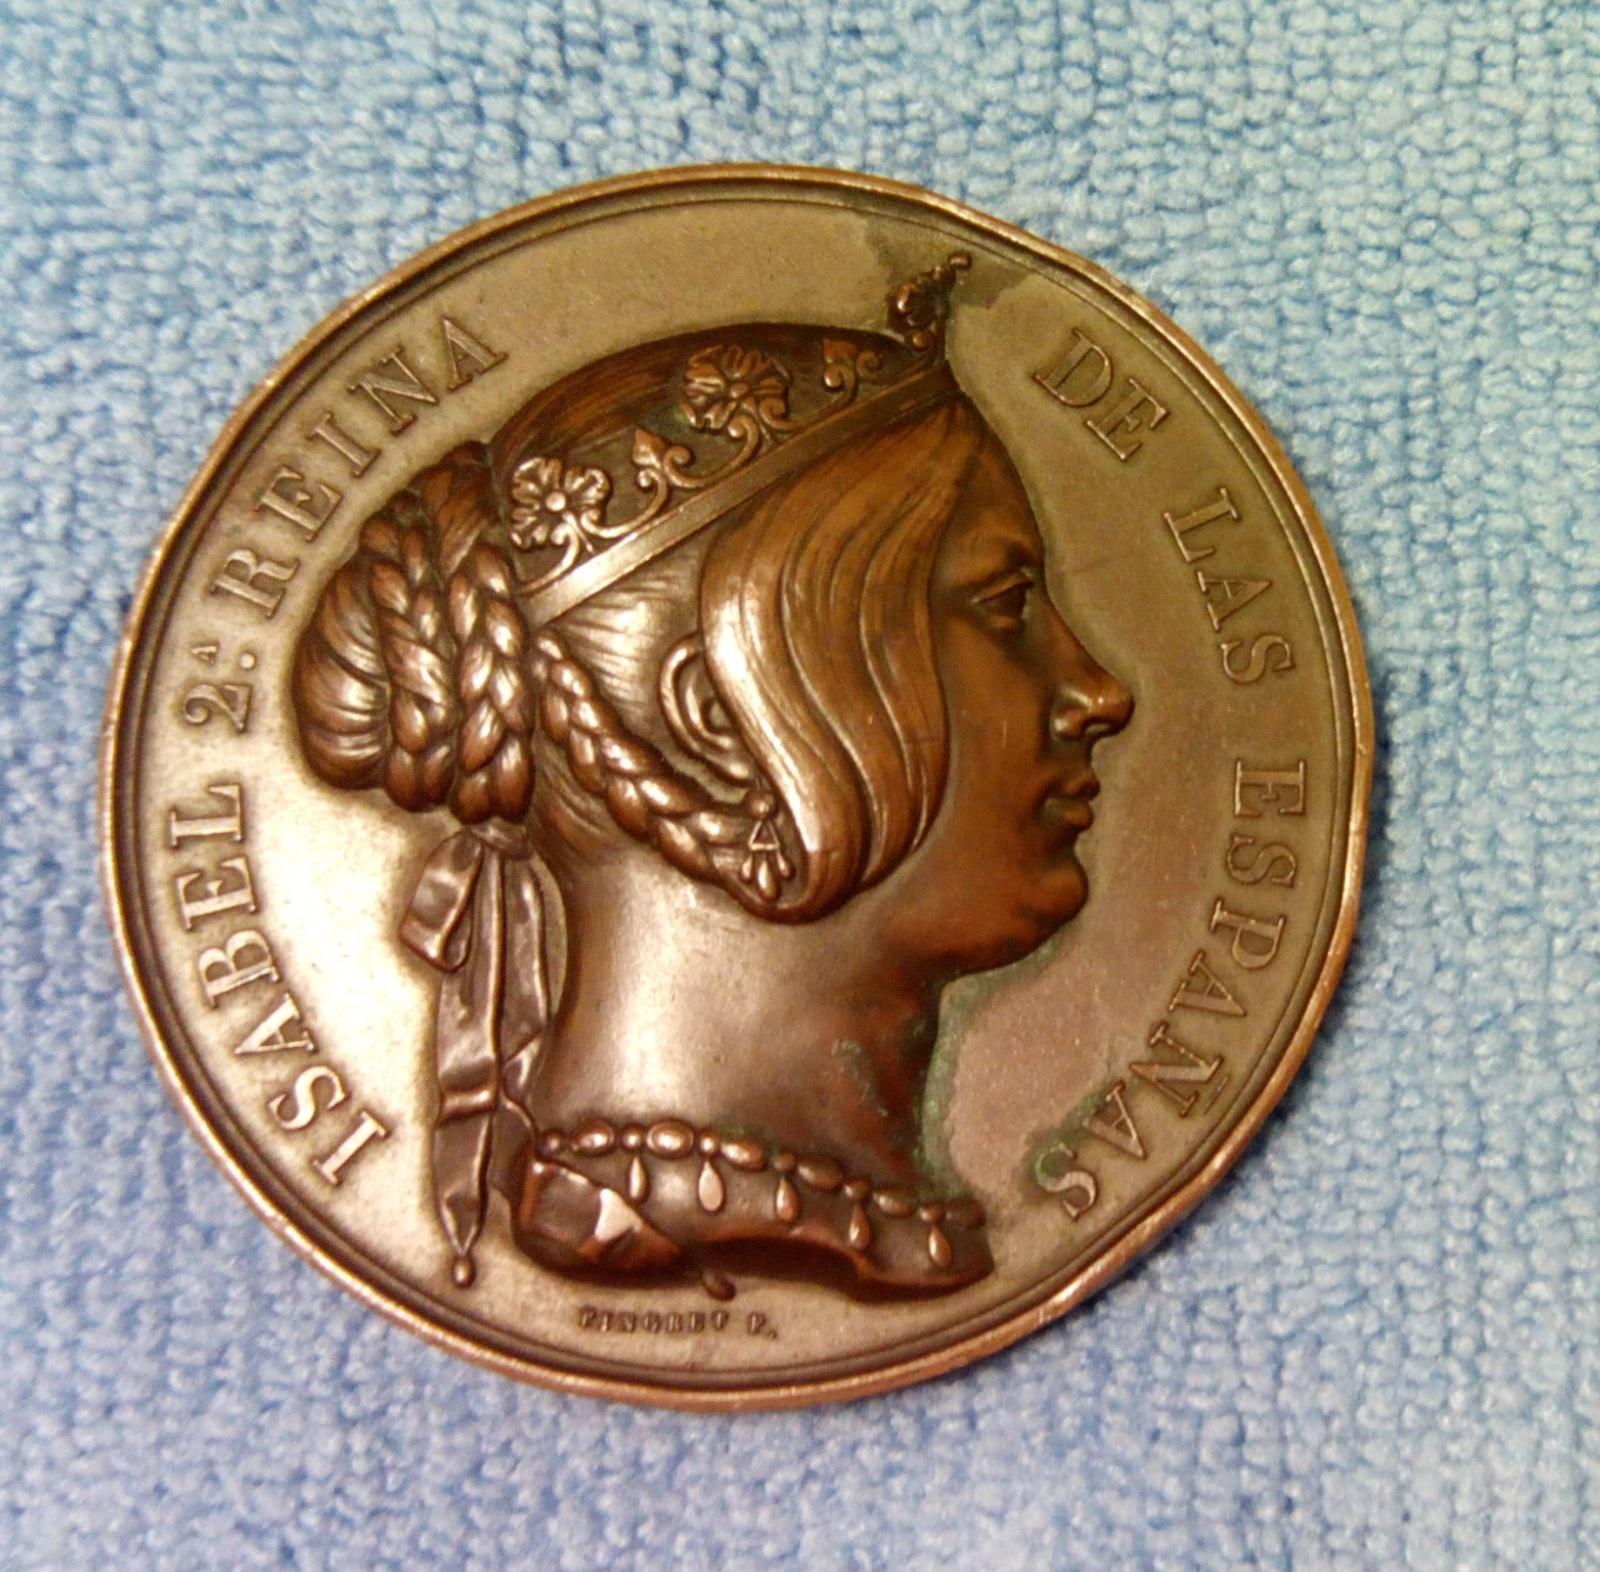 Limpieza de medalla Oqha15